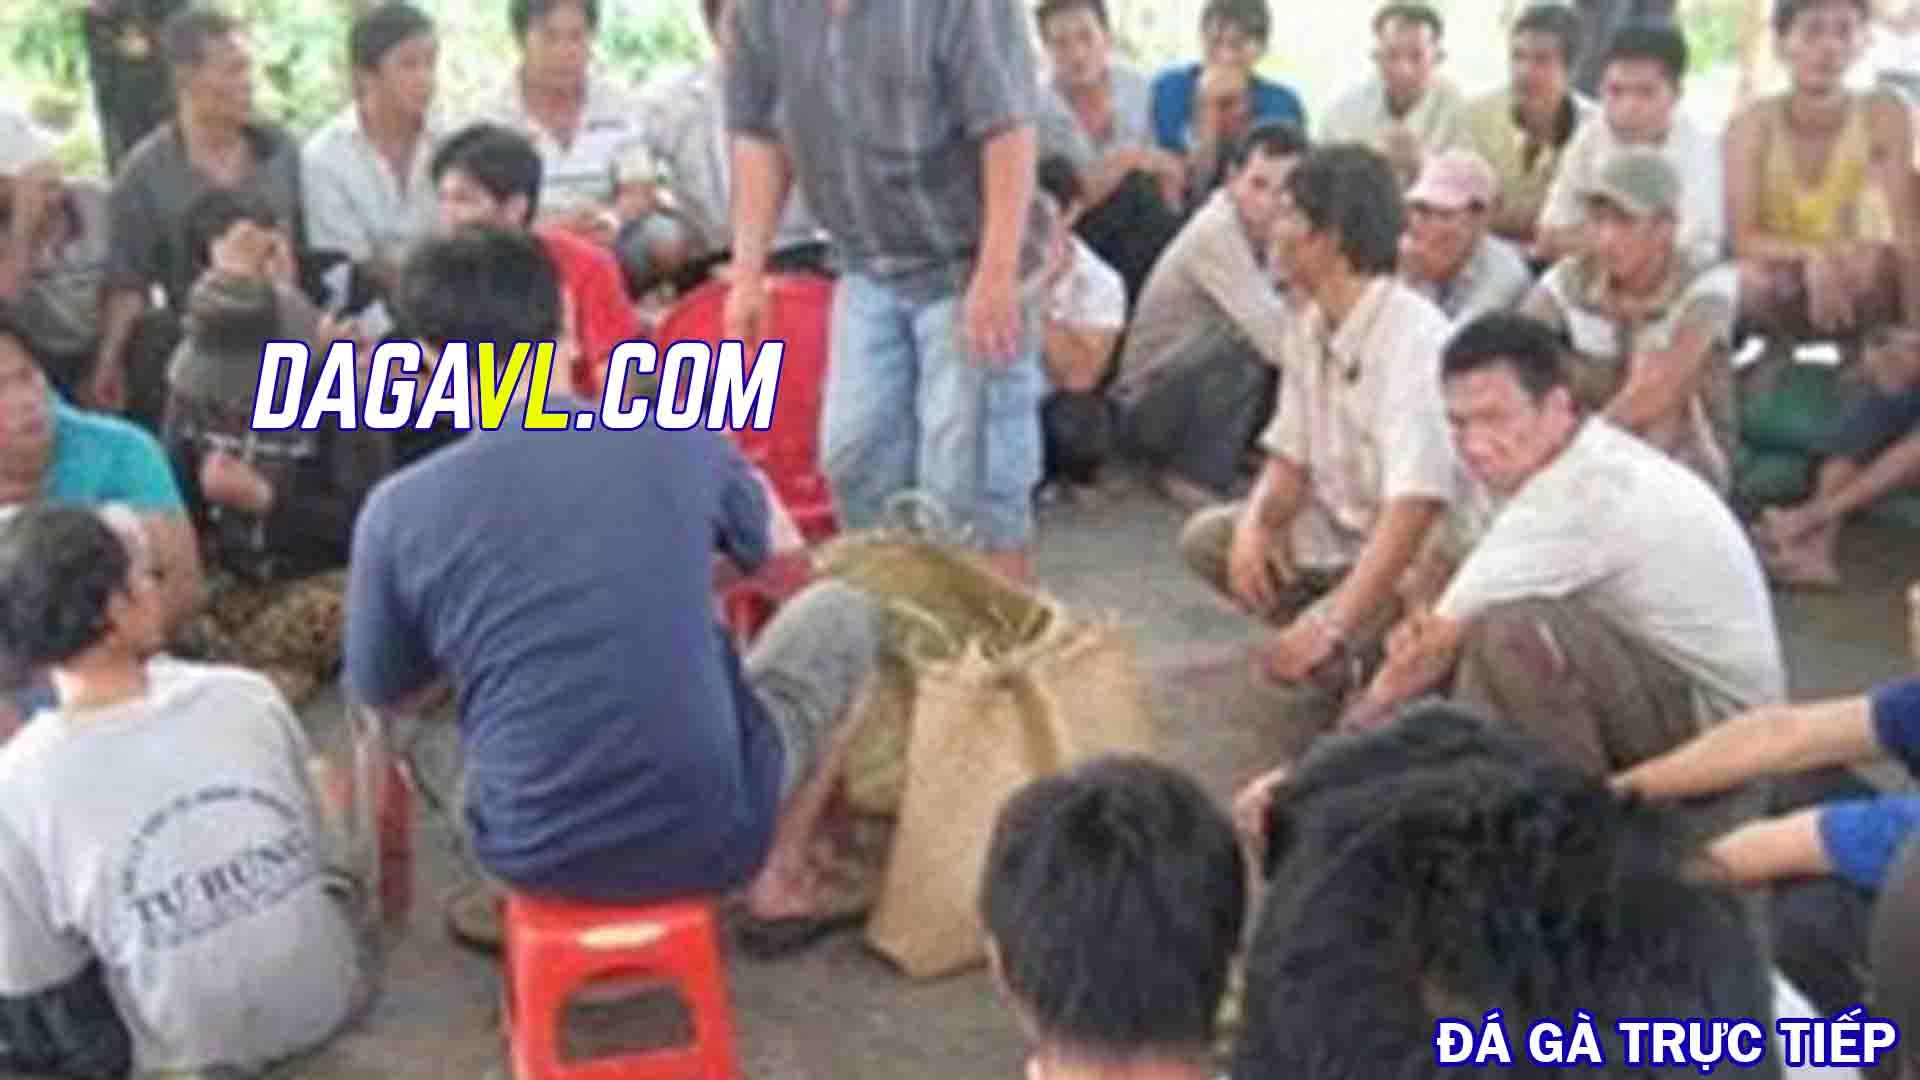 DAGAVL.COM - Bắt gần 100 đối tượng đá gà ăn tiền tại Tiền Giang